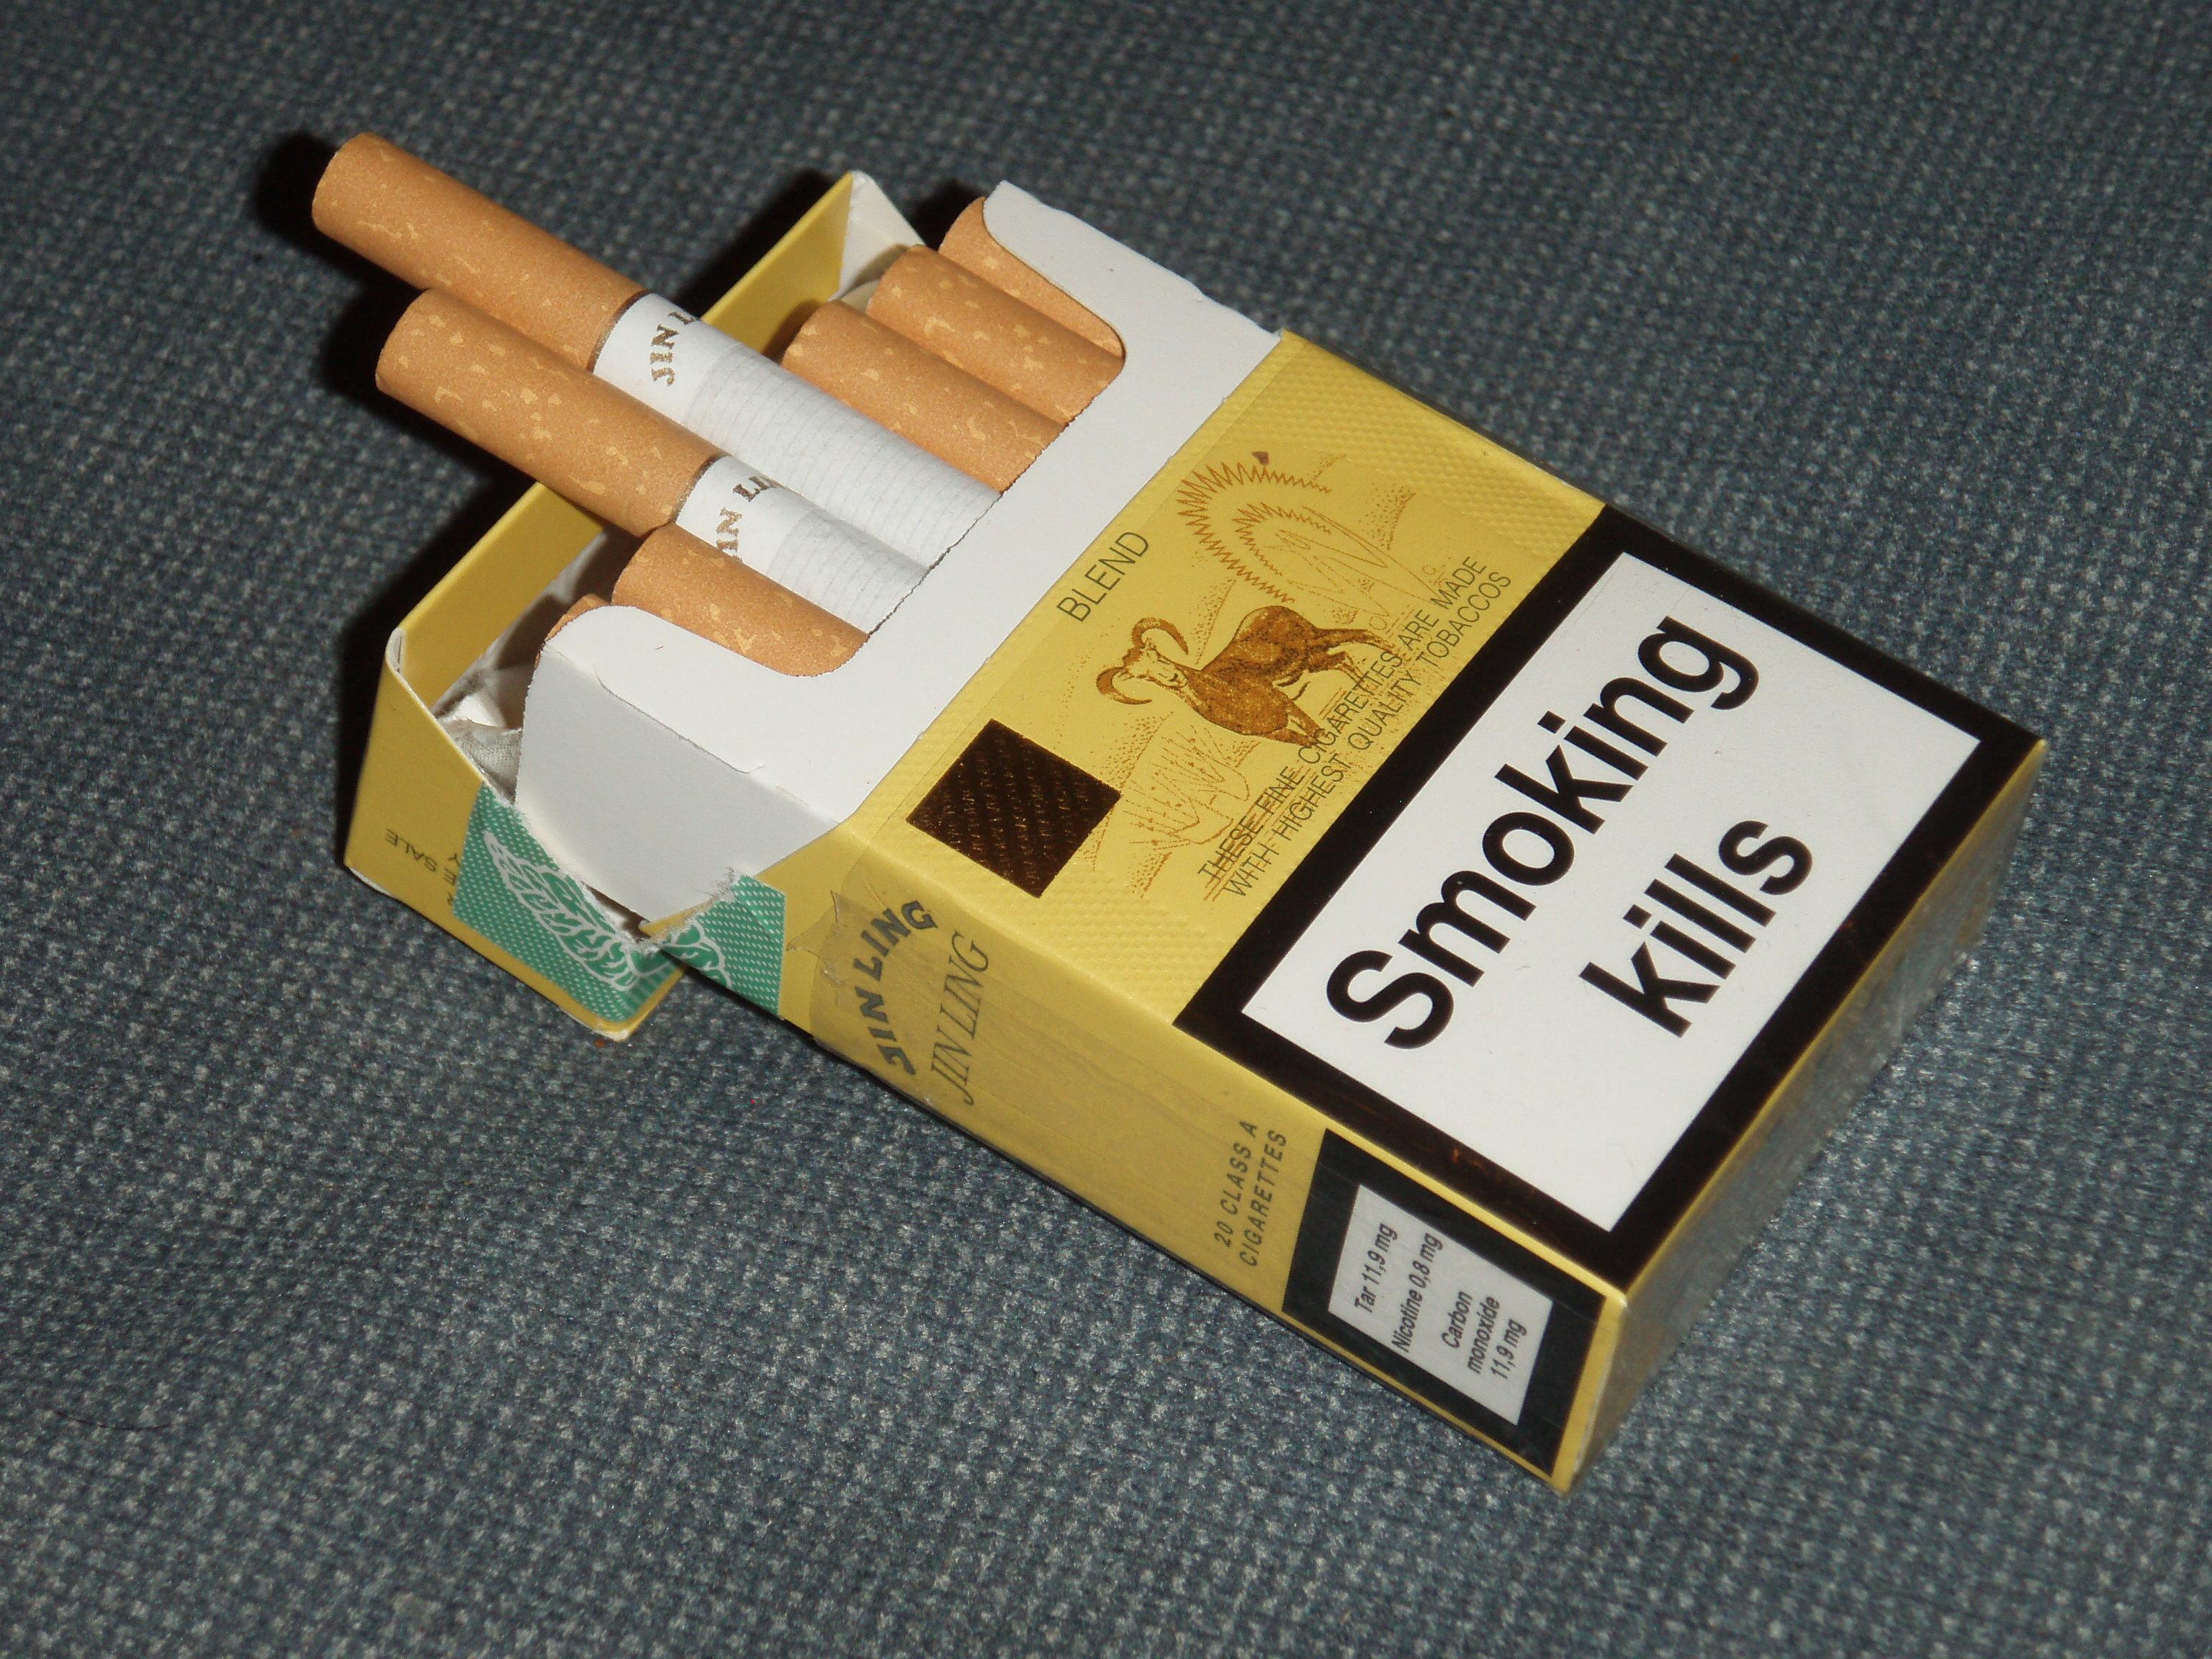 Как сделать пачку для сигарет